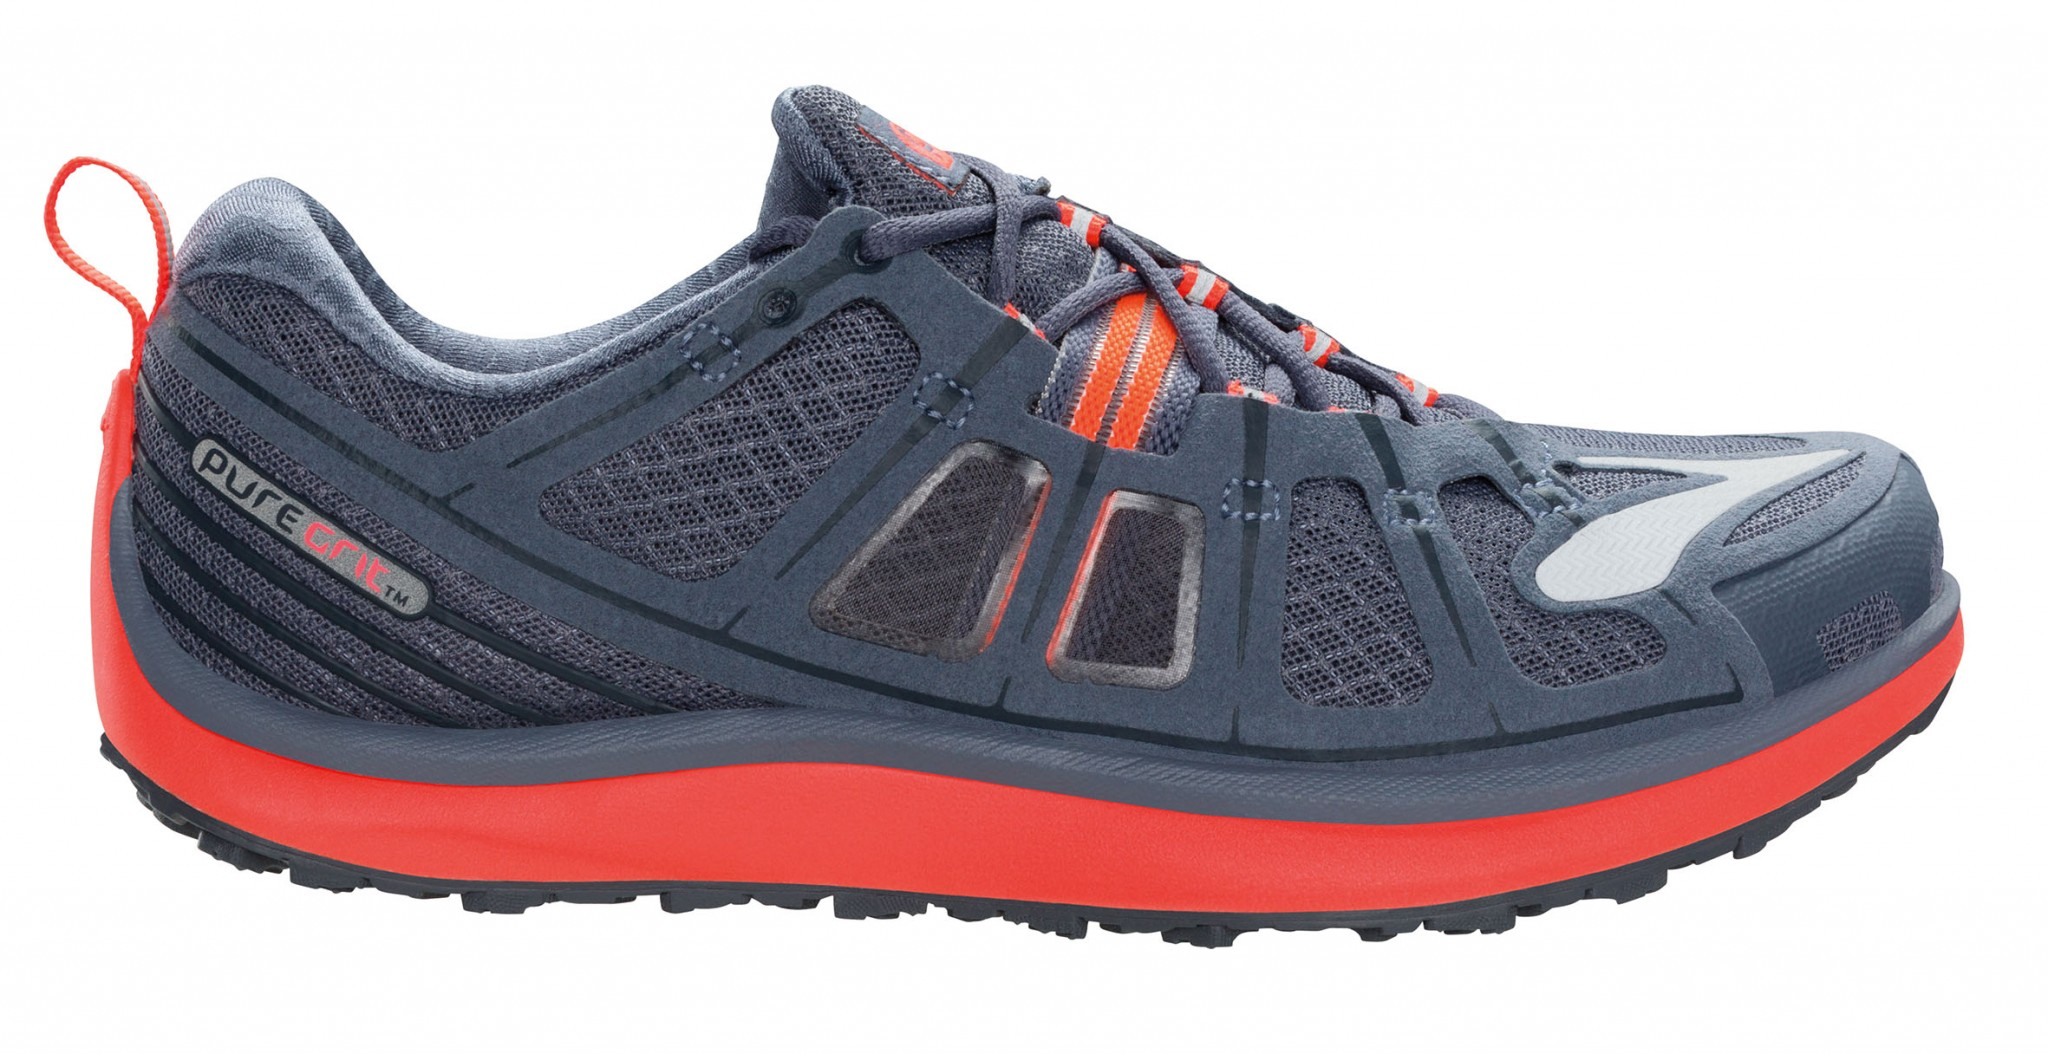 Quelles chaussures pour foulée naturelle ? (spécial trail